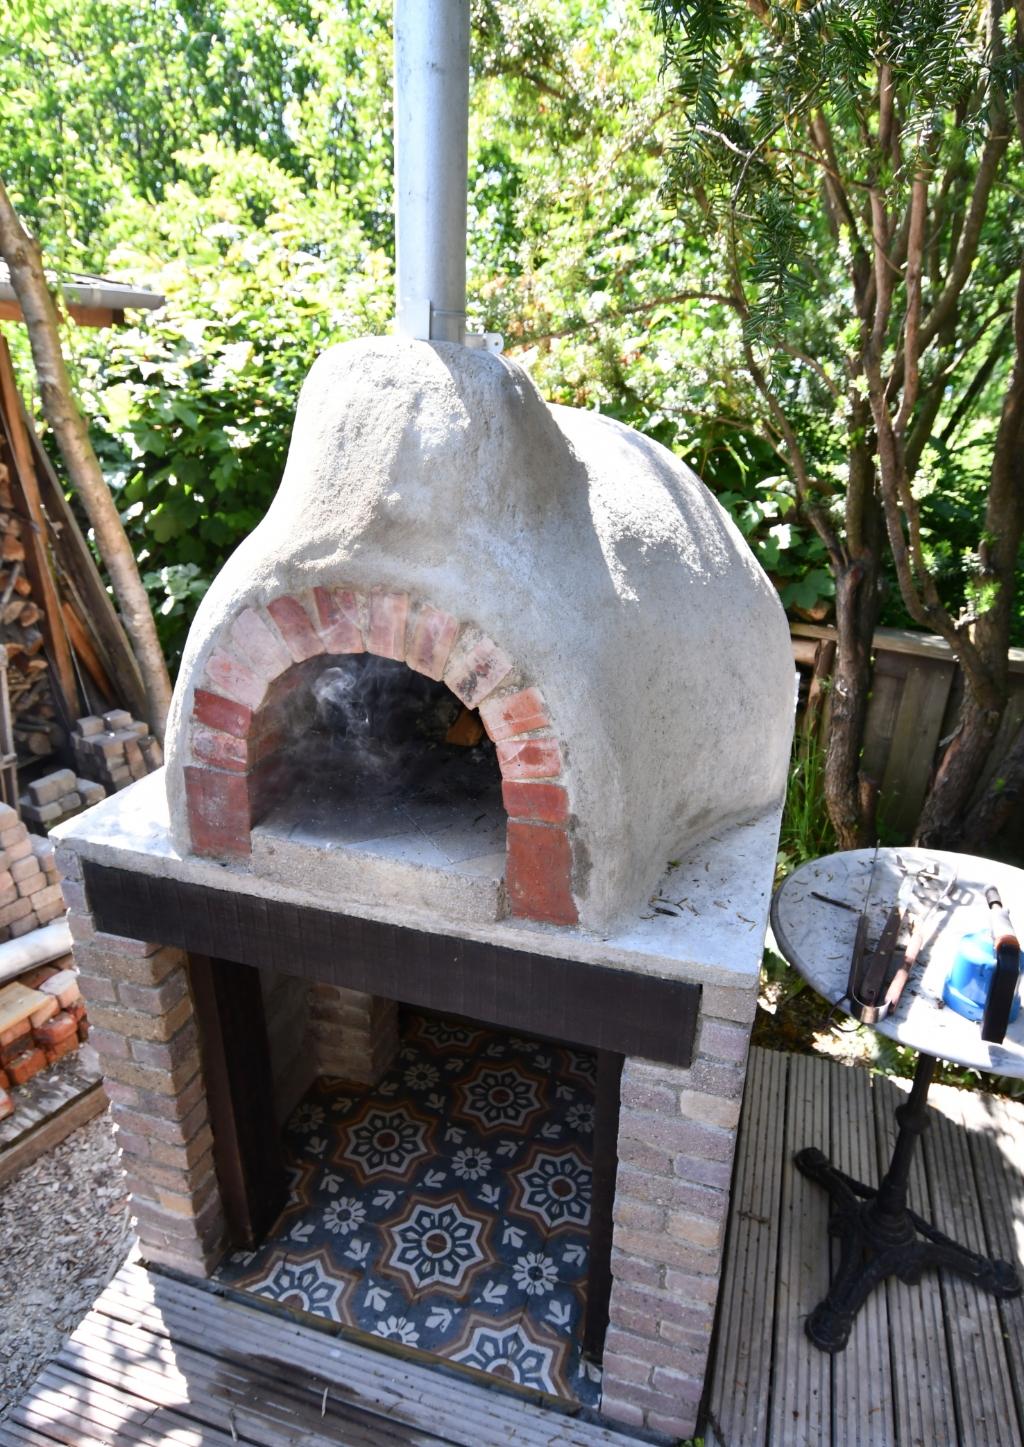 Zelfs een pizzaoven ontbreekt niet in de tuin van Jenny. ('De deur moet er nog in, ik ben hem aan het instoken', aldus haar man)  (Foto: Dirk Karten) © rodi